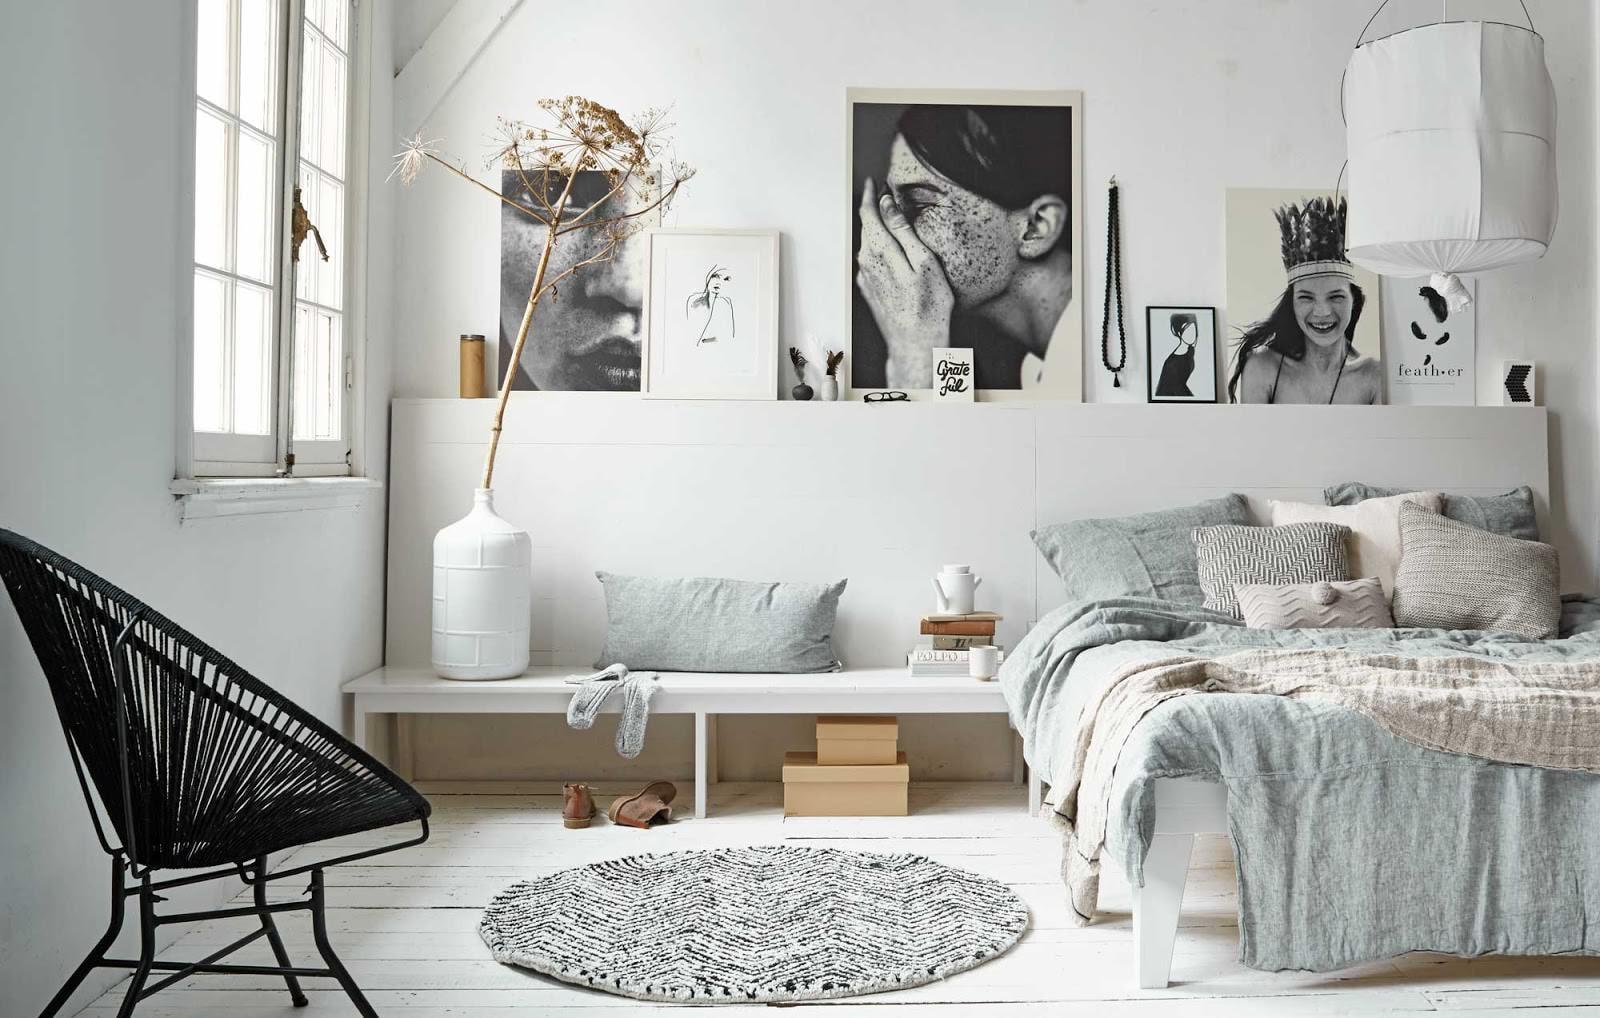 квартира в скандинавском стиле фото дизайн